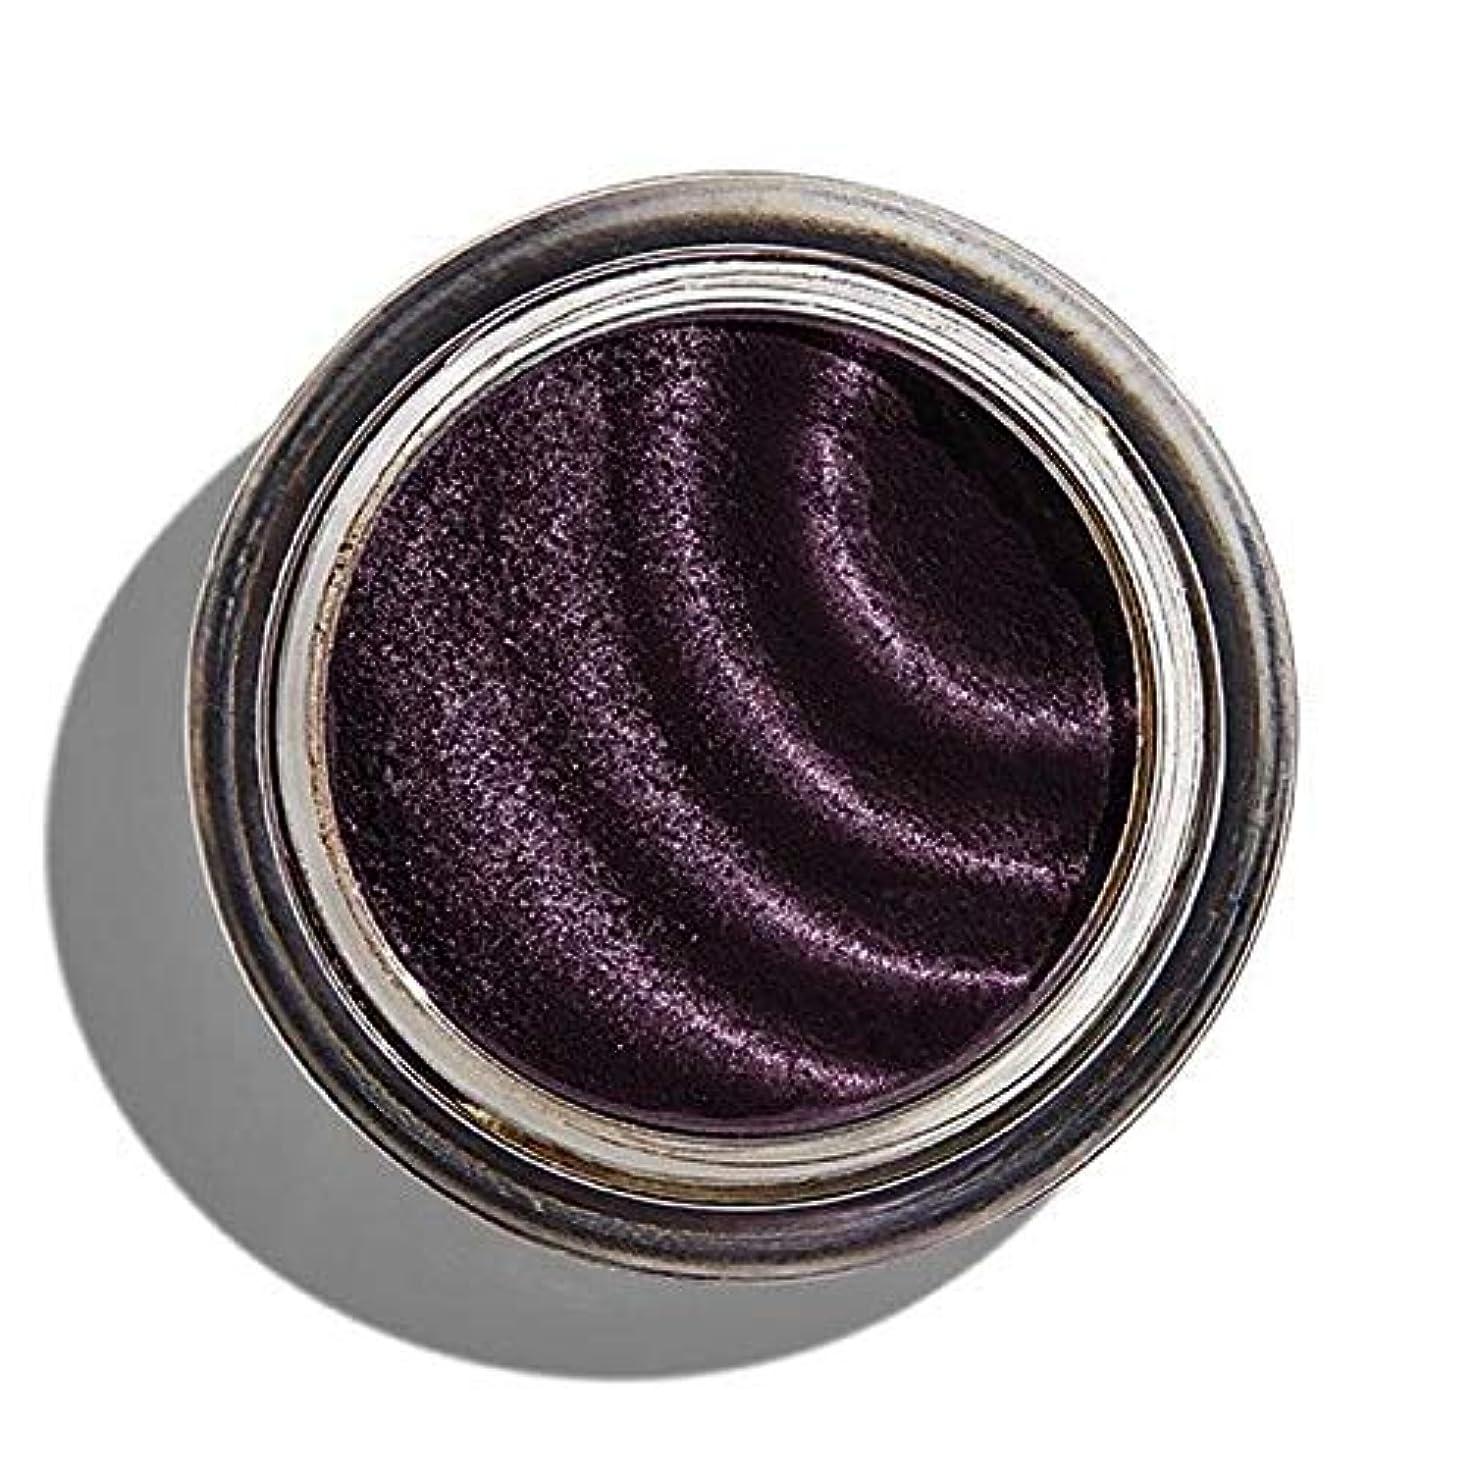 記憶に残る出血衰える[Revolution ] 化粧革命磁化のアイシャドウブラウン - Makeup Revolution Magnetize Eyeshadow Brown [並行輸入品]